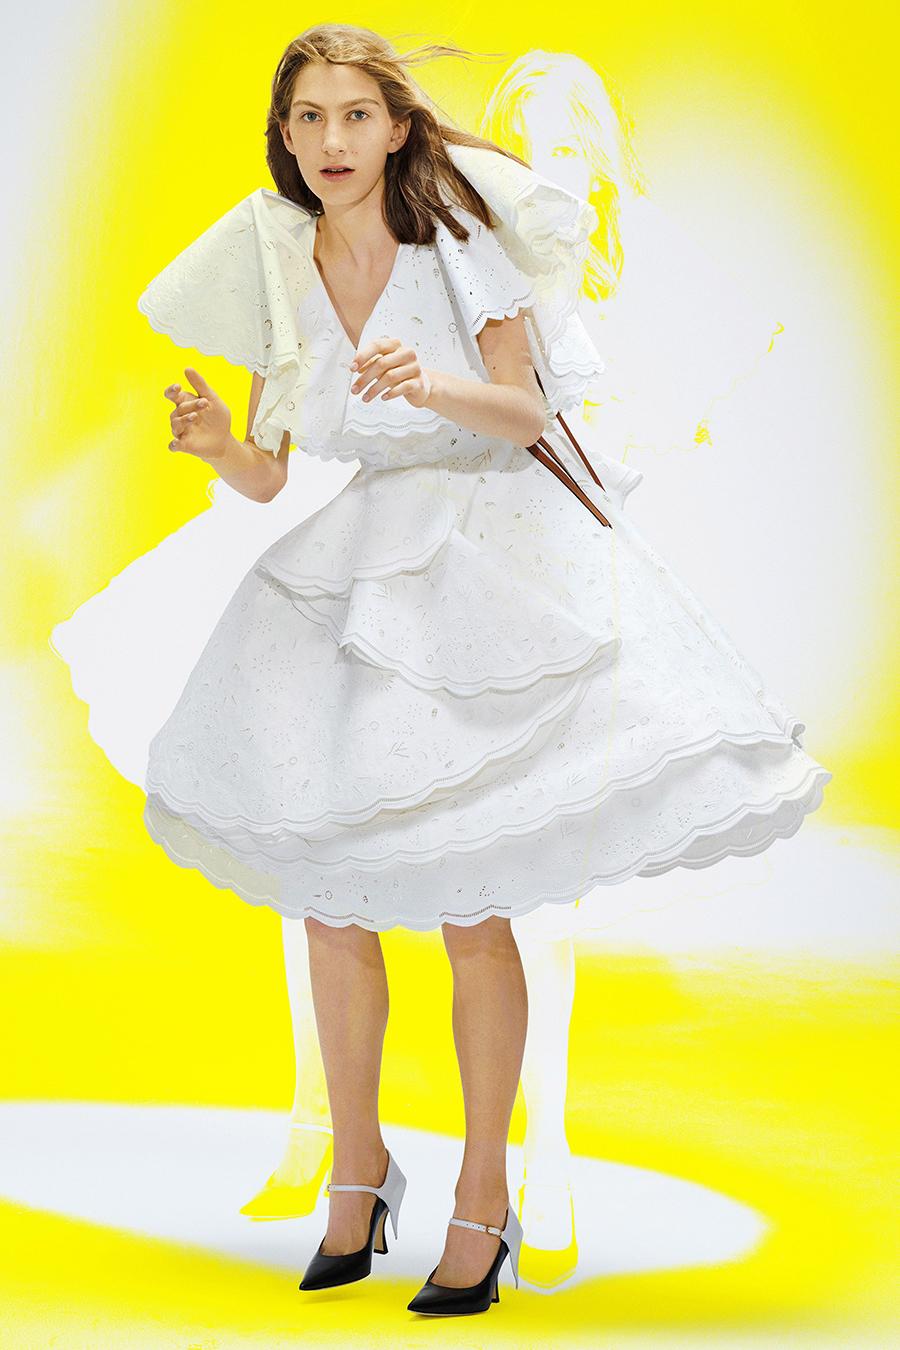 что надеть день влюбленных валентина платье кукольное беби долл короткое белое пышная юбка